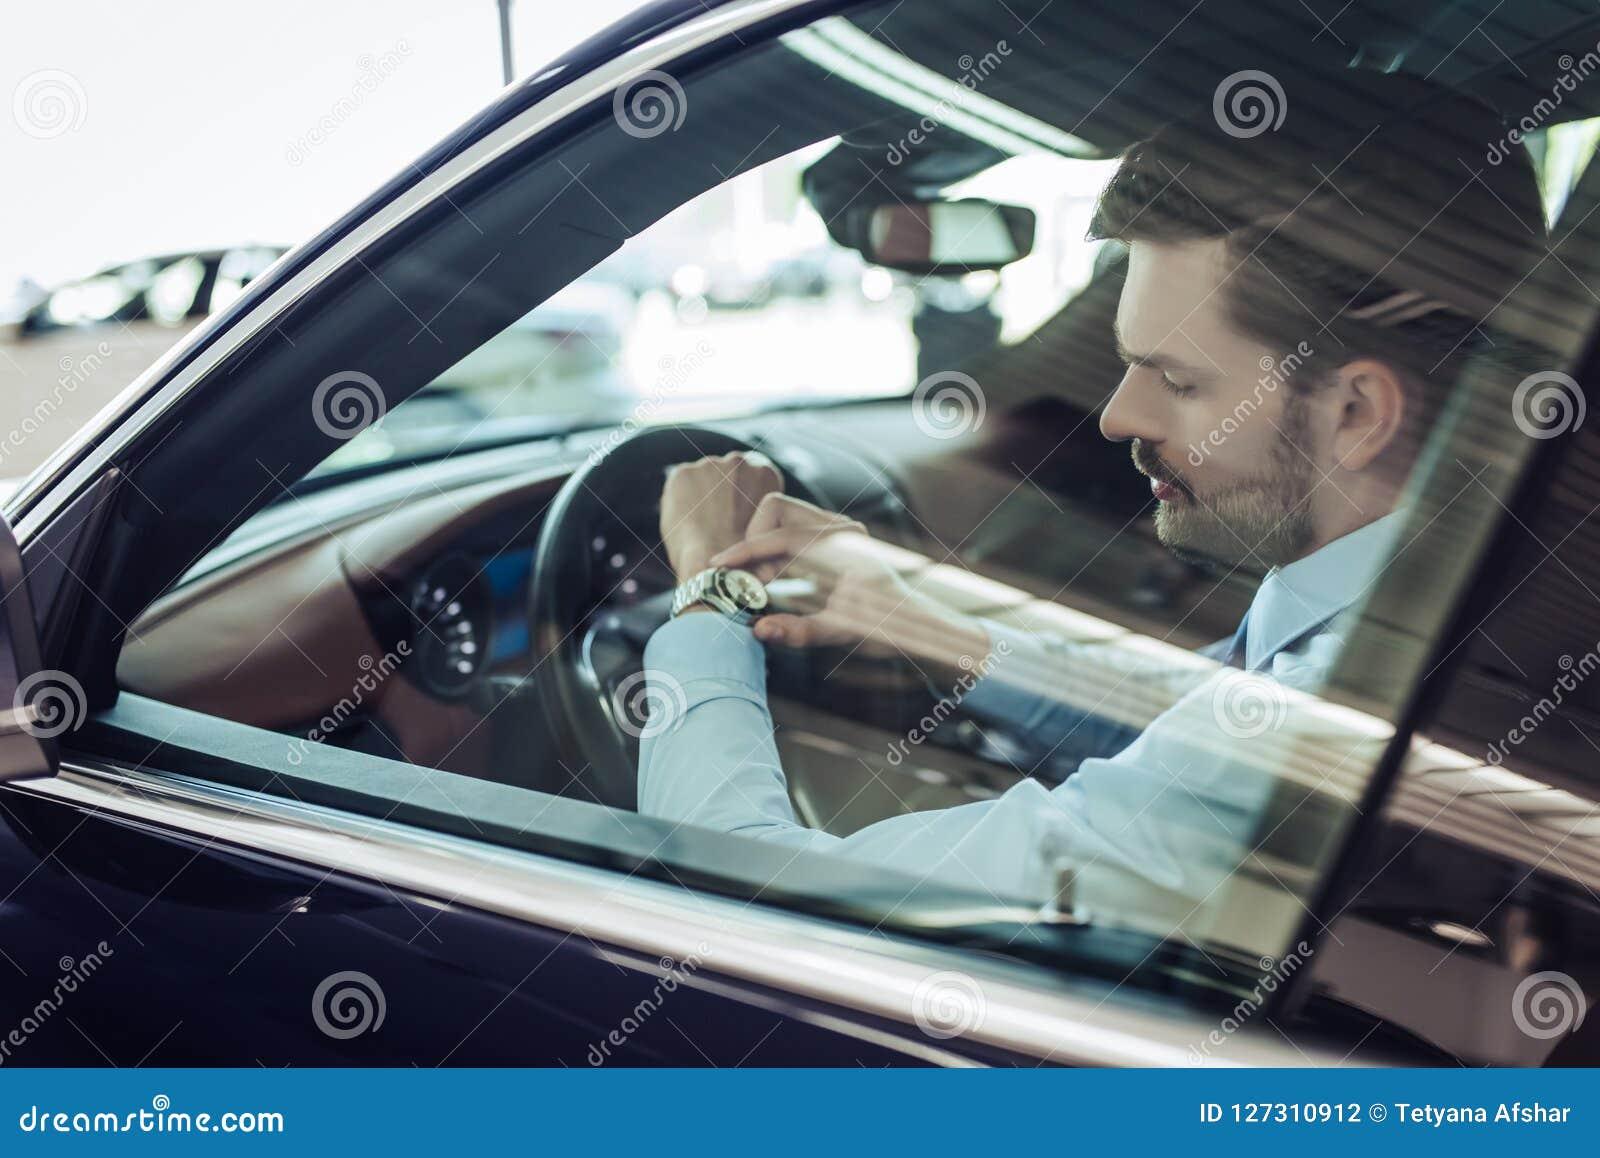 El hombre en el coche mira el reloj